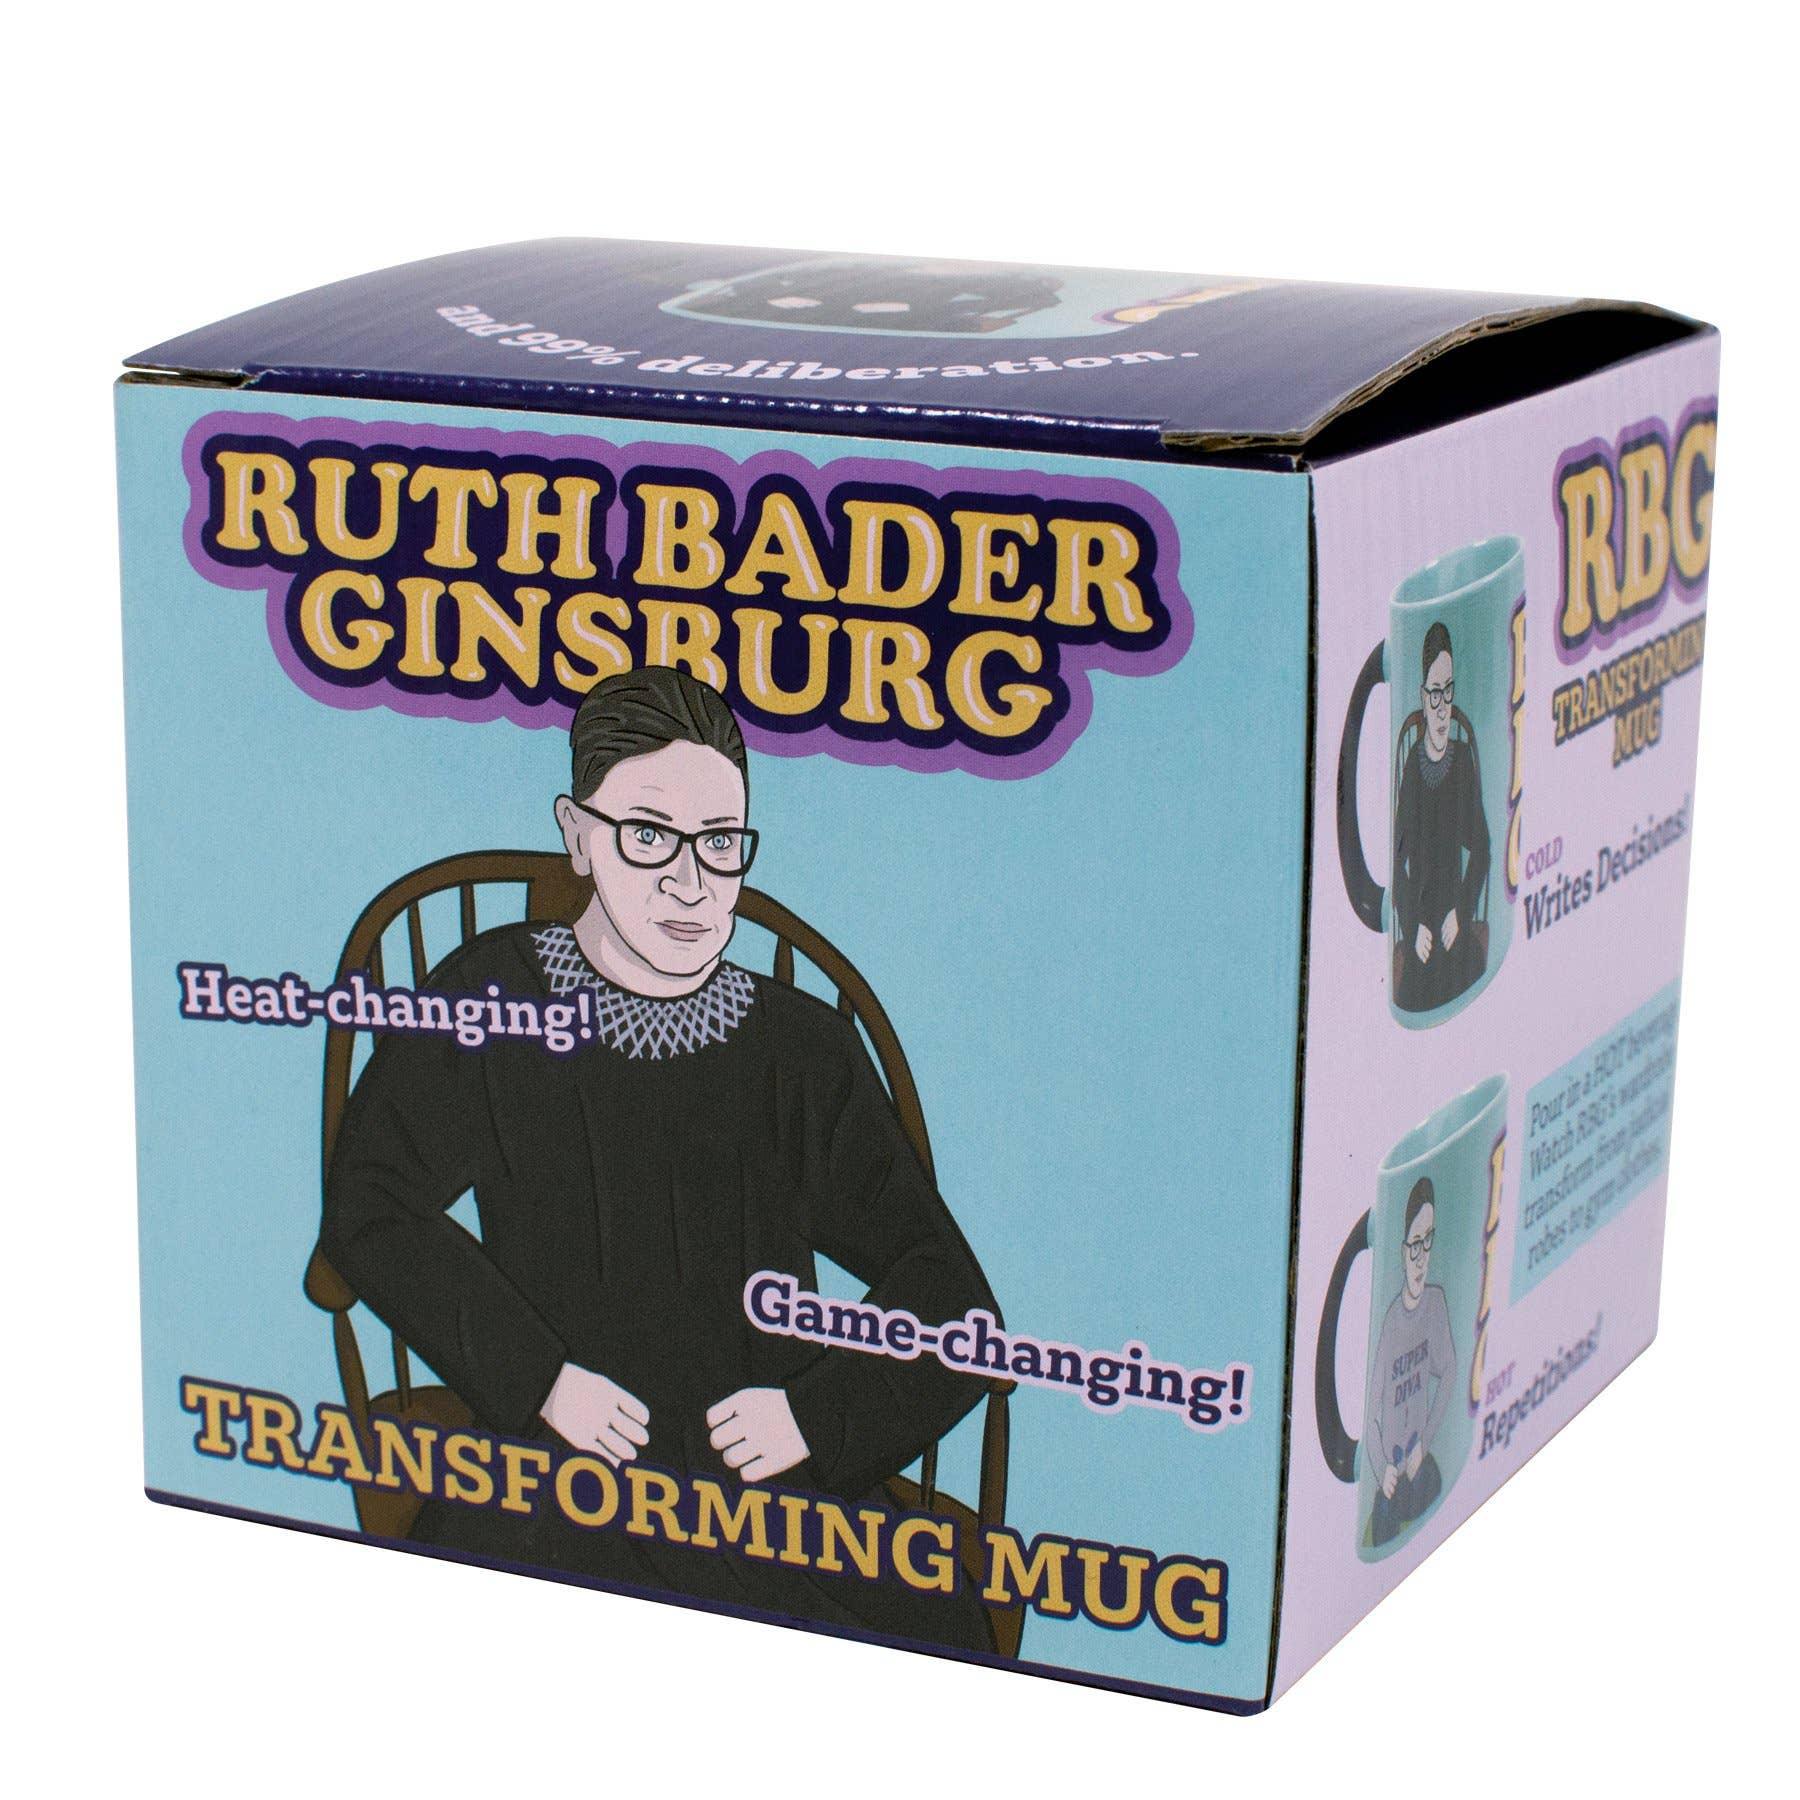 Ruth Bader Ginsburg Transforming Mug